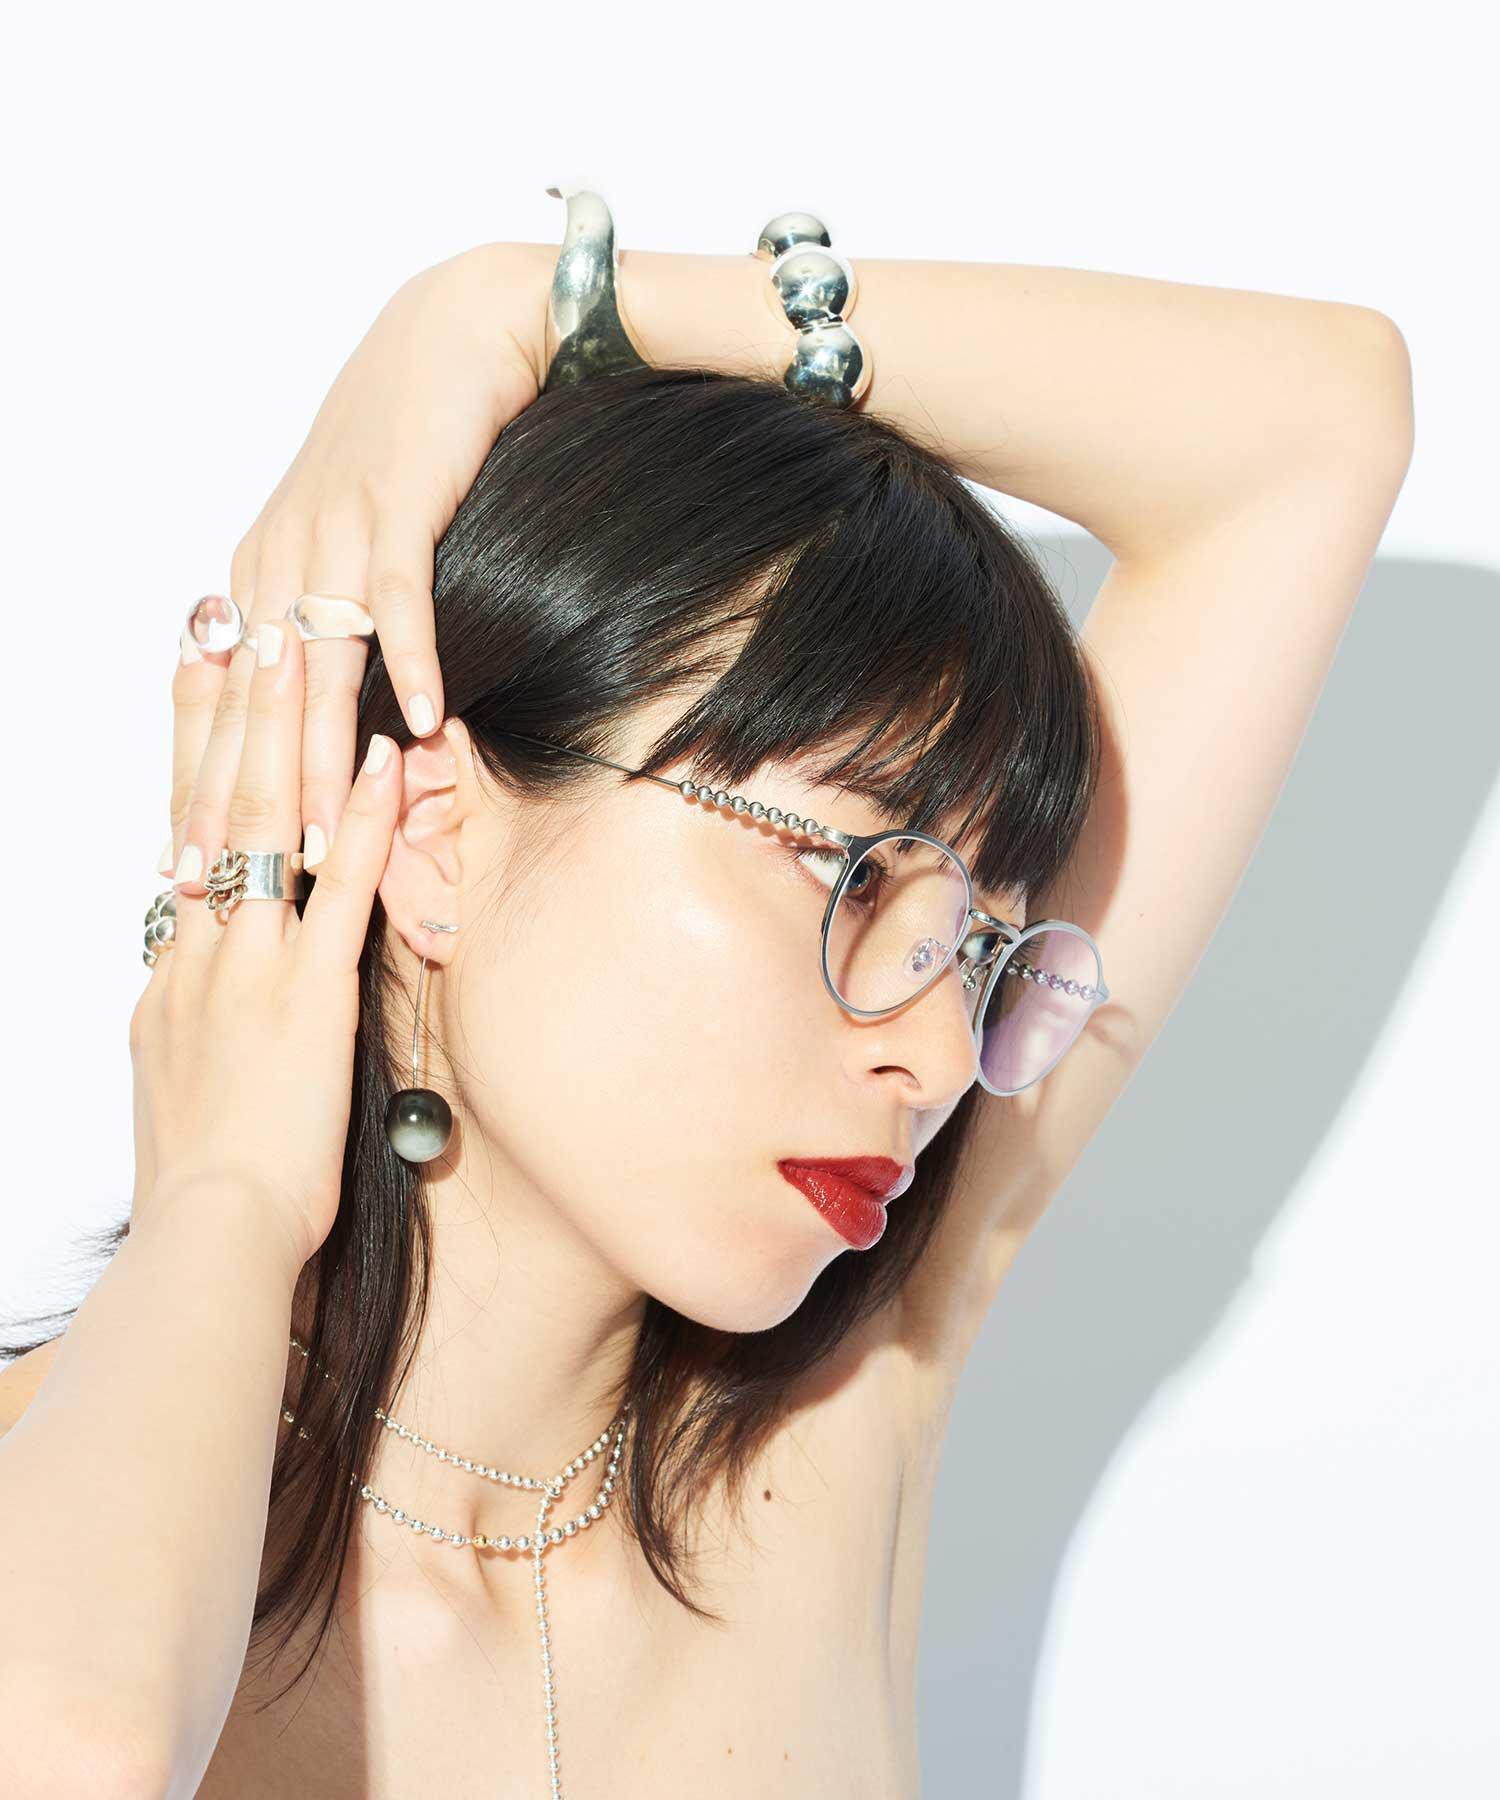 かわいすぎない…?????? ついこの前Zoffで新しいの買ったばっかりだけど絶対似合うからほしい眼鏡何本買う気だよって感じだけどほしいアーーーーン